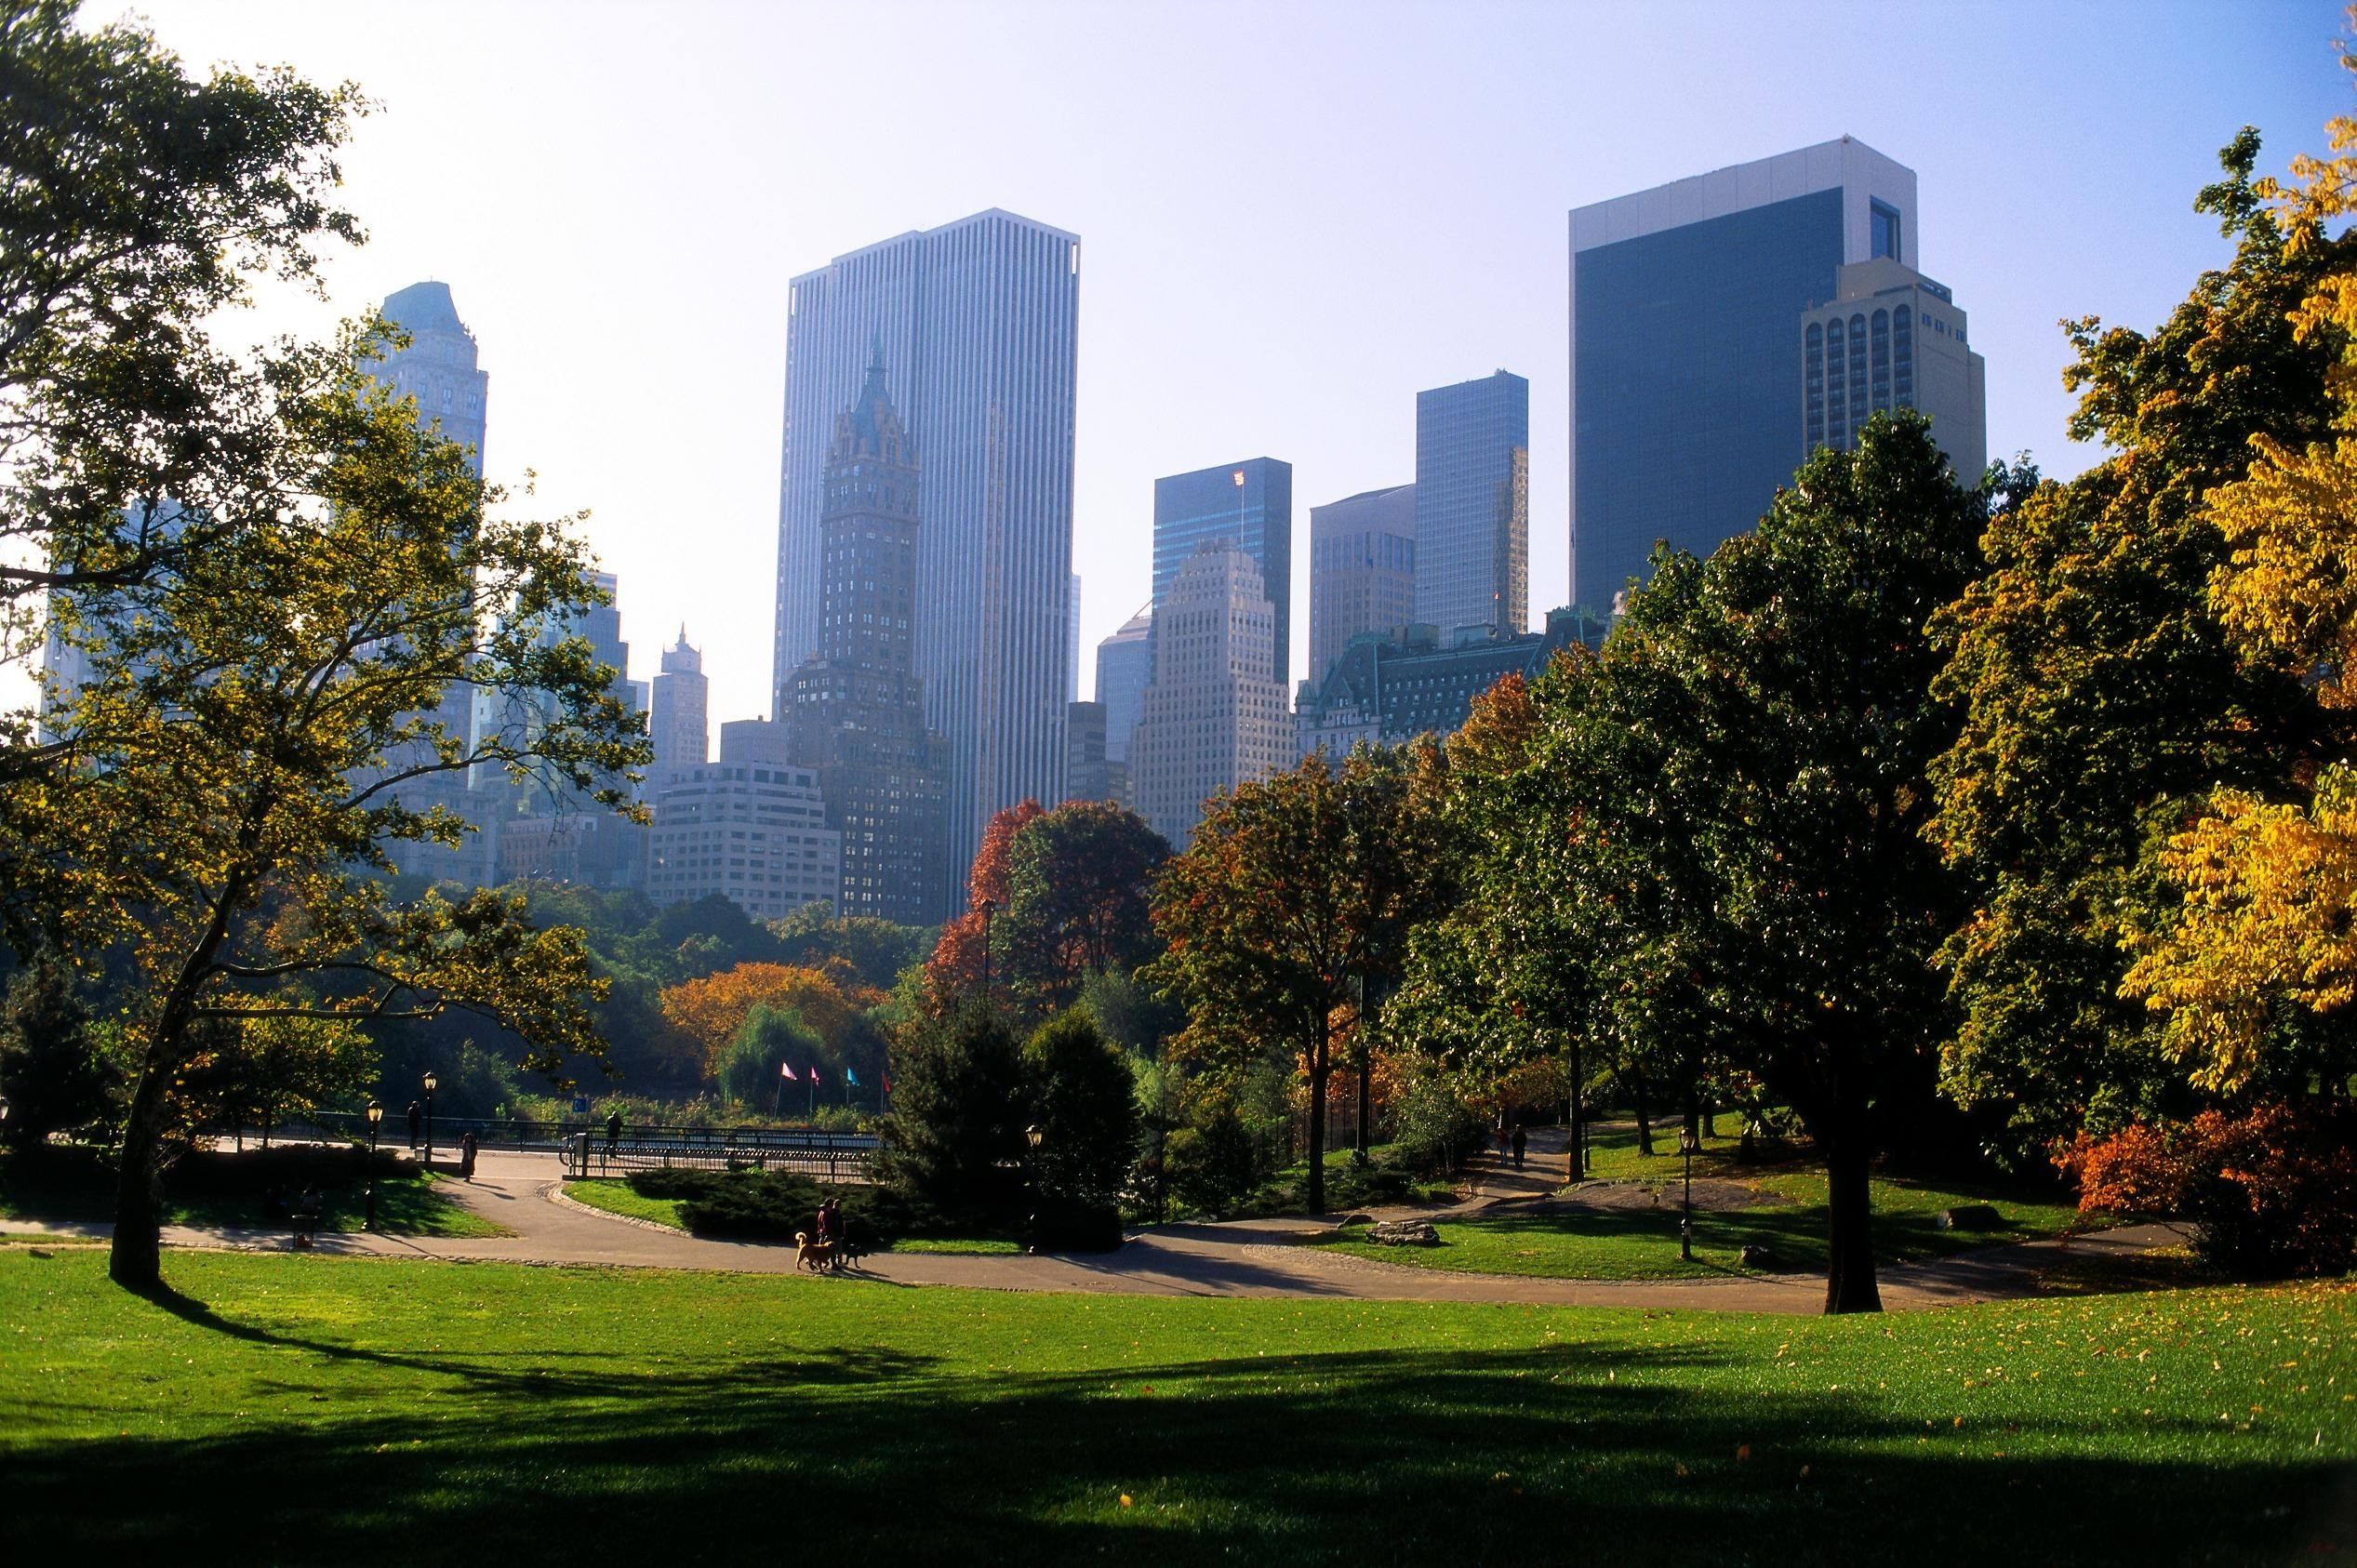 城市公园_Pesticide Sprayed on New York City Parks Linked to Cancer, Study Says - Sustainable Pulse